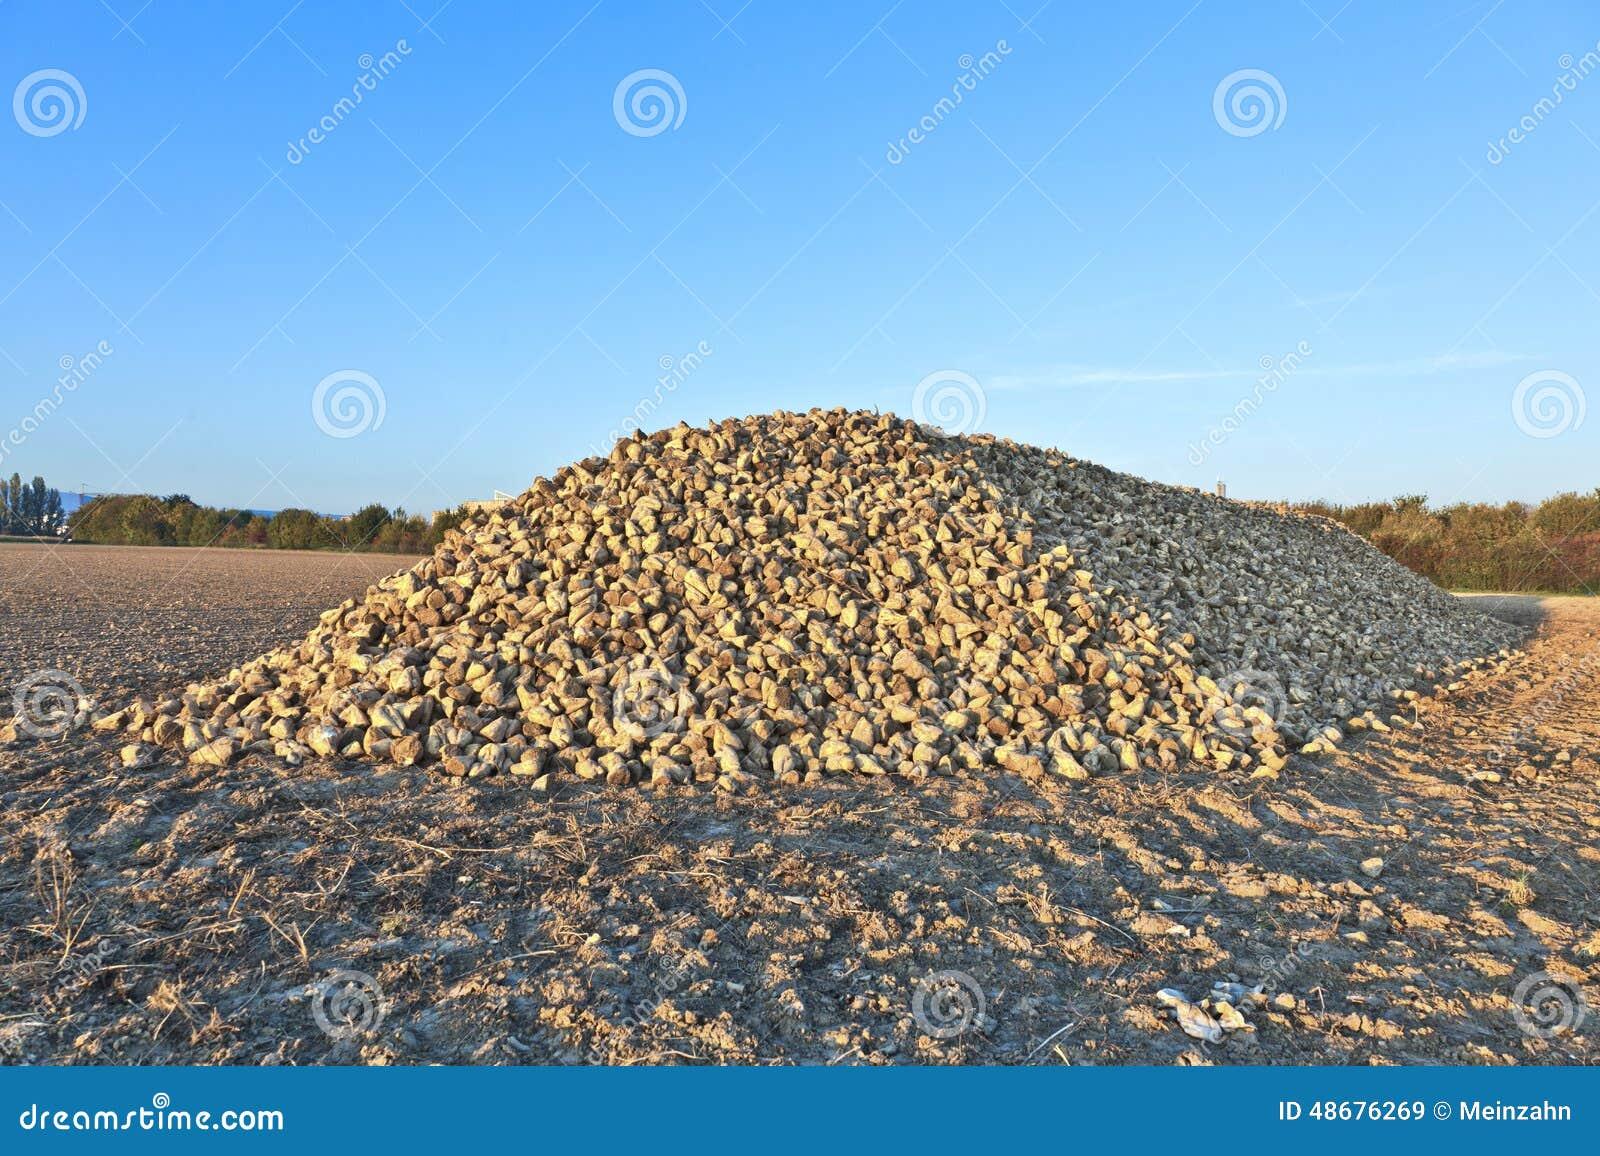 Pile Of Sugar B...